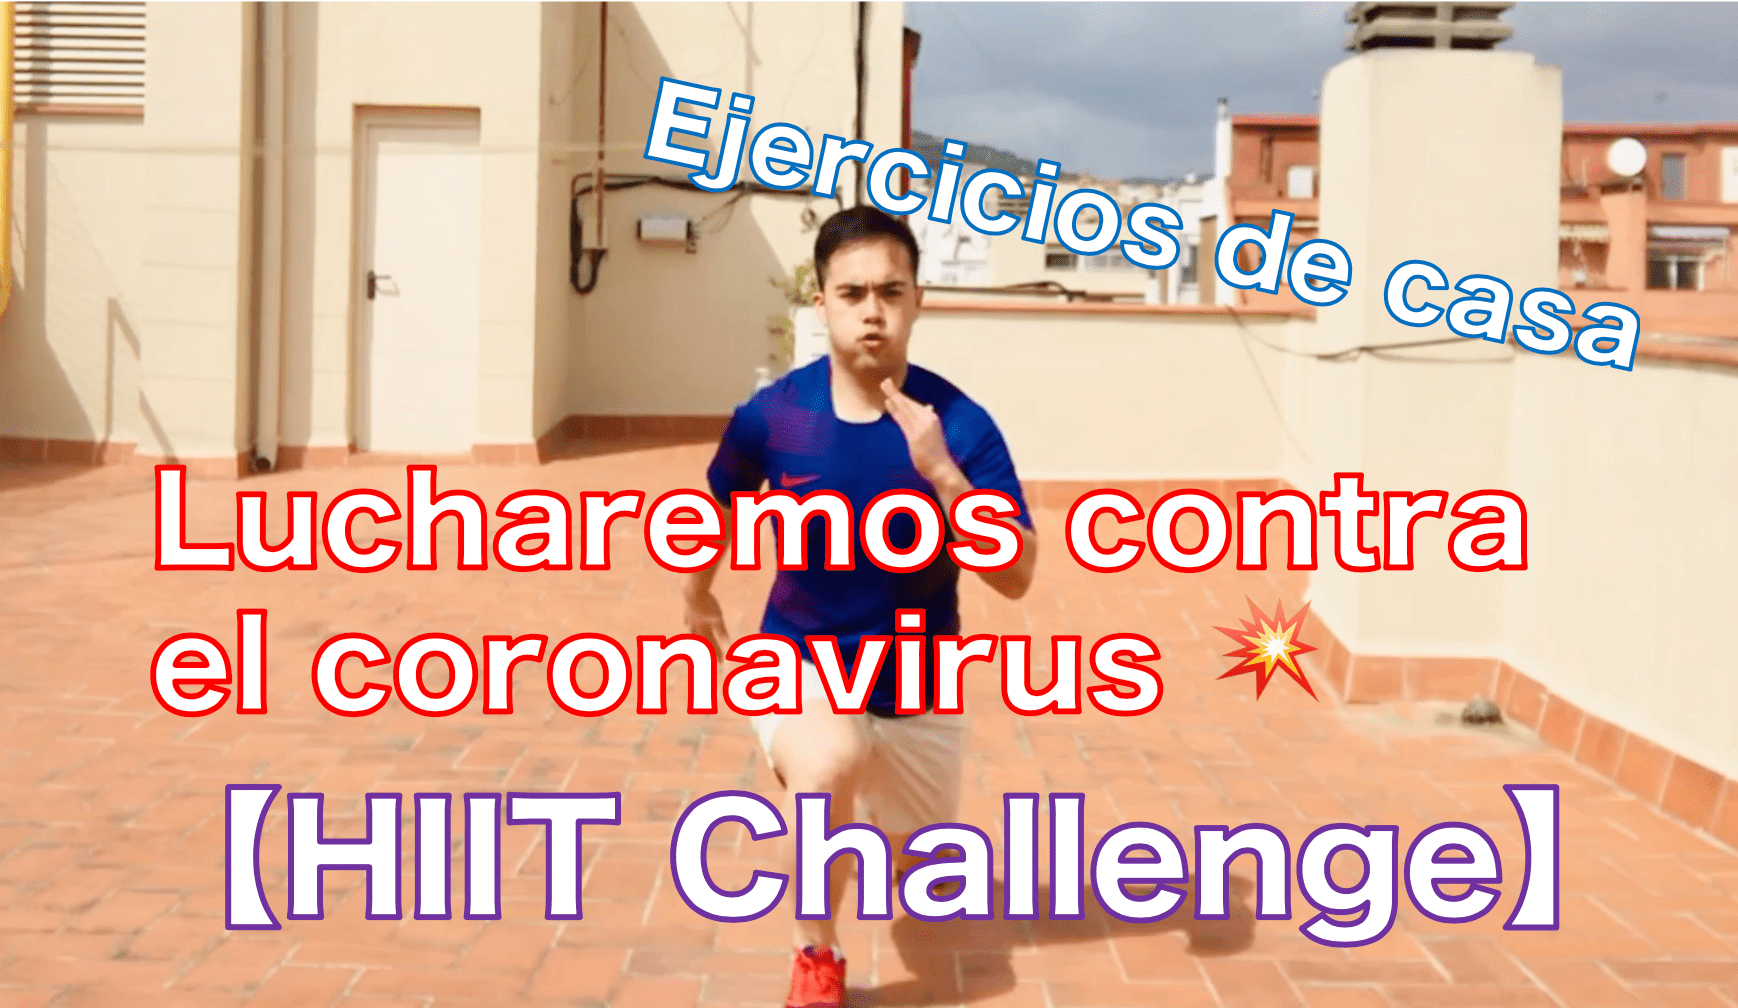 【HIIT Challenge】Lucharemos contra coronavirus con ejercicios de casa